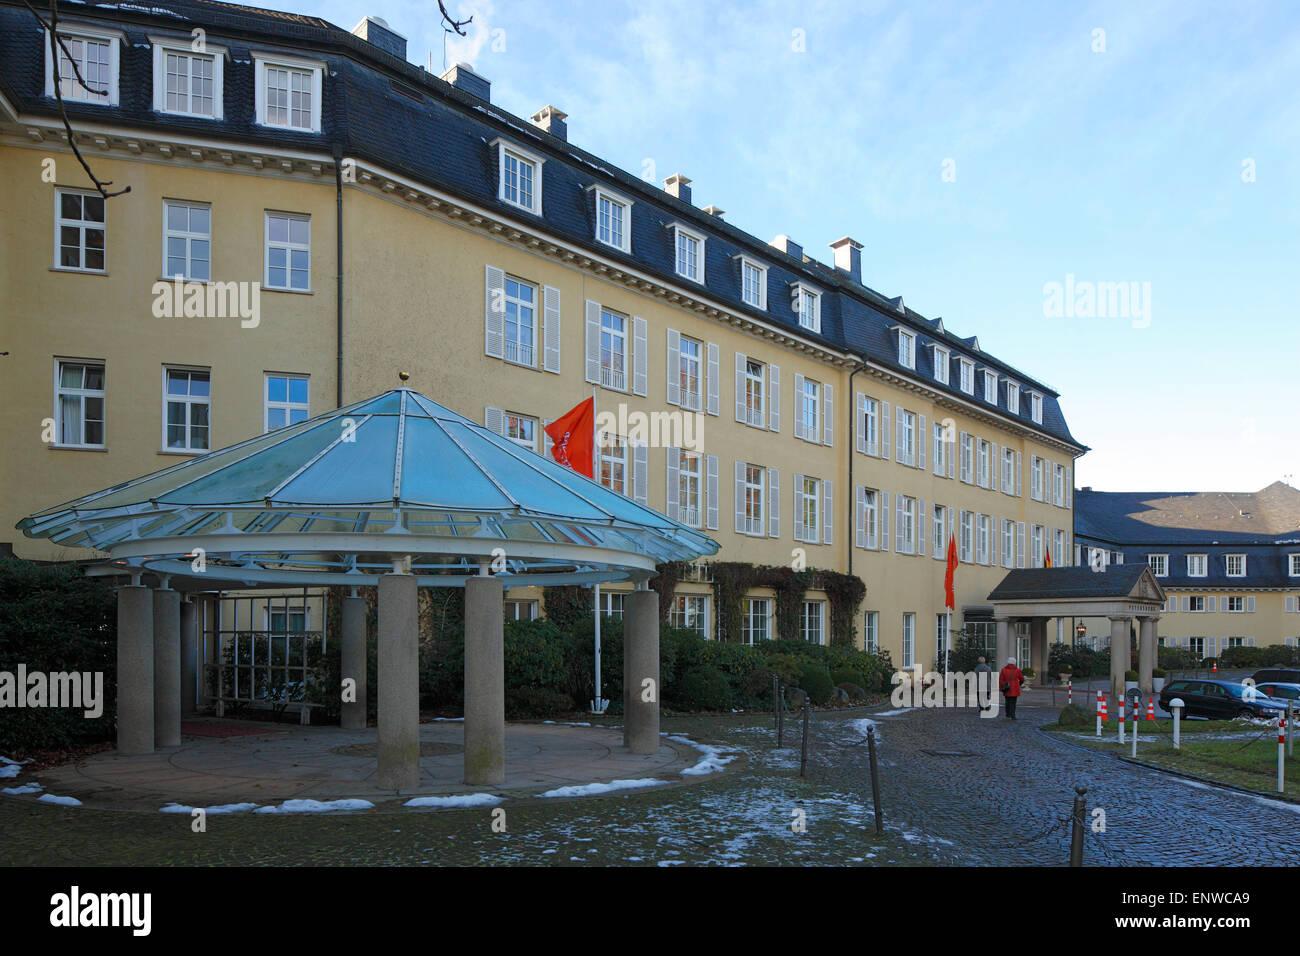 Steigenberger Grand Hotel auf dem Petersberg im Siebengebirge, Gaestehaus der Bundesregierung, Koenigswinter am - Stock Image